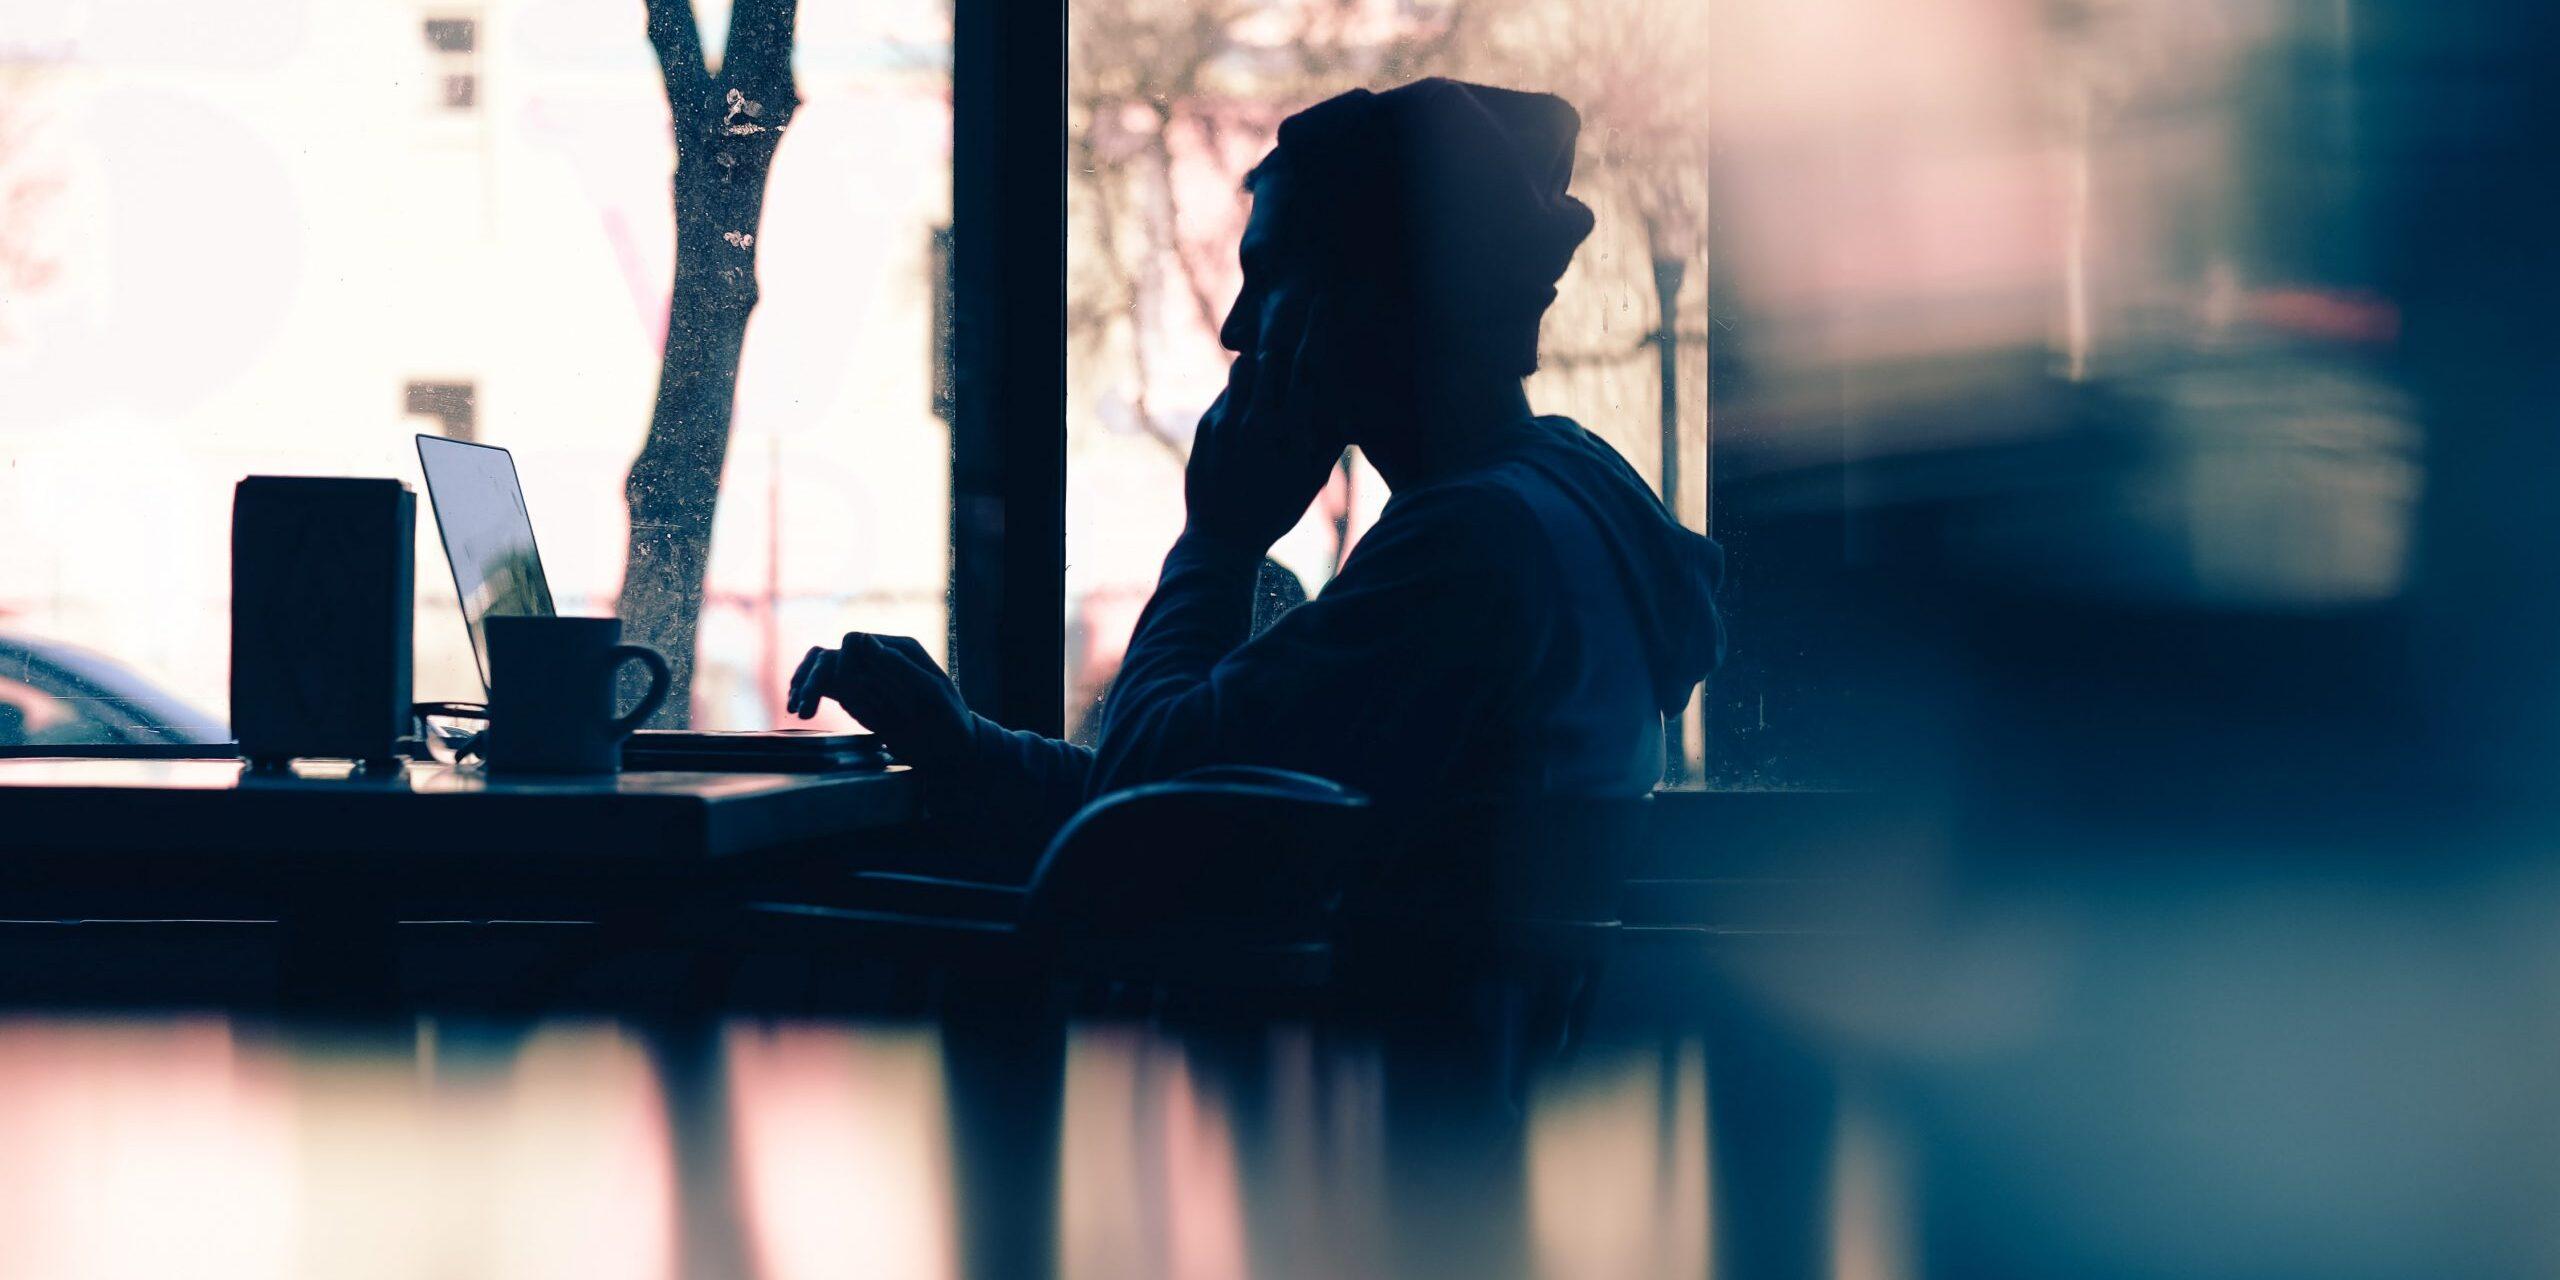 Henkilö istuu kahvilassa ikkunan vieressä läppärinsä edessä